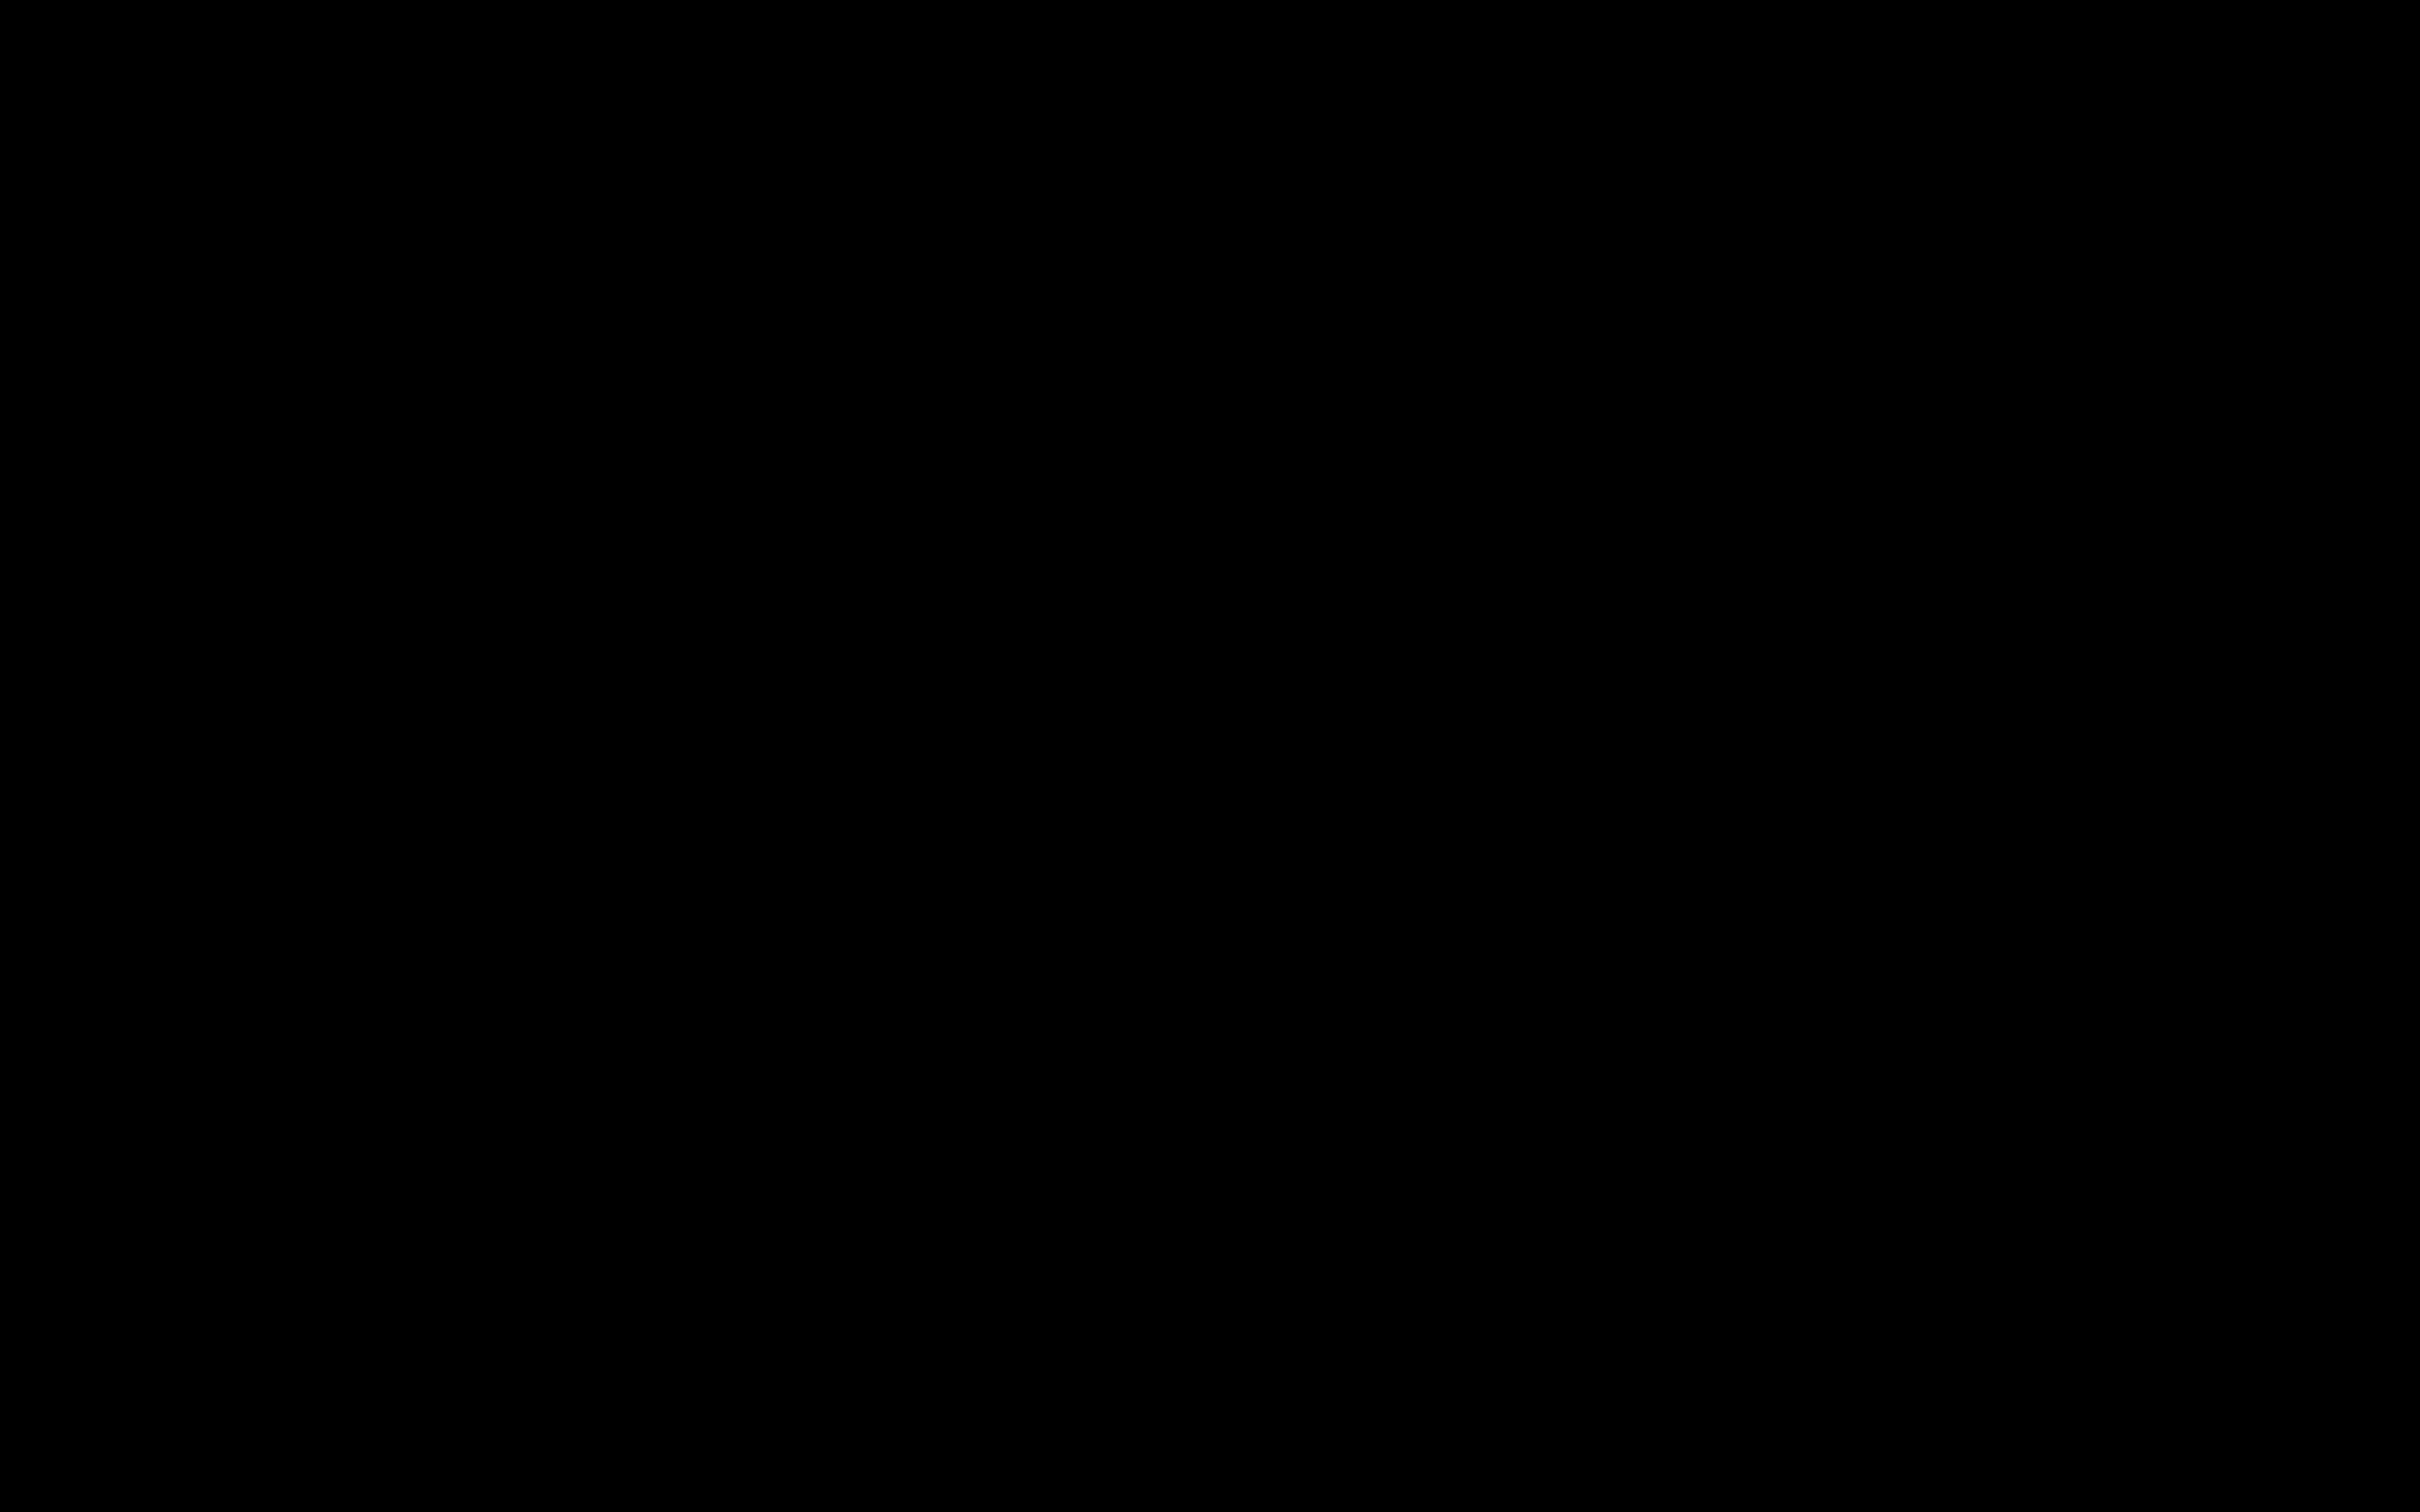 【改善体态】5分钟全身体态纠正训练 (起床必备)